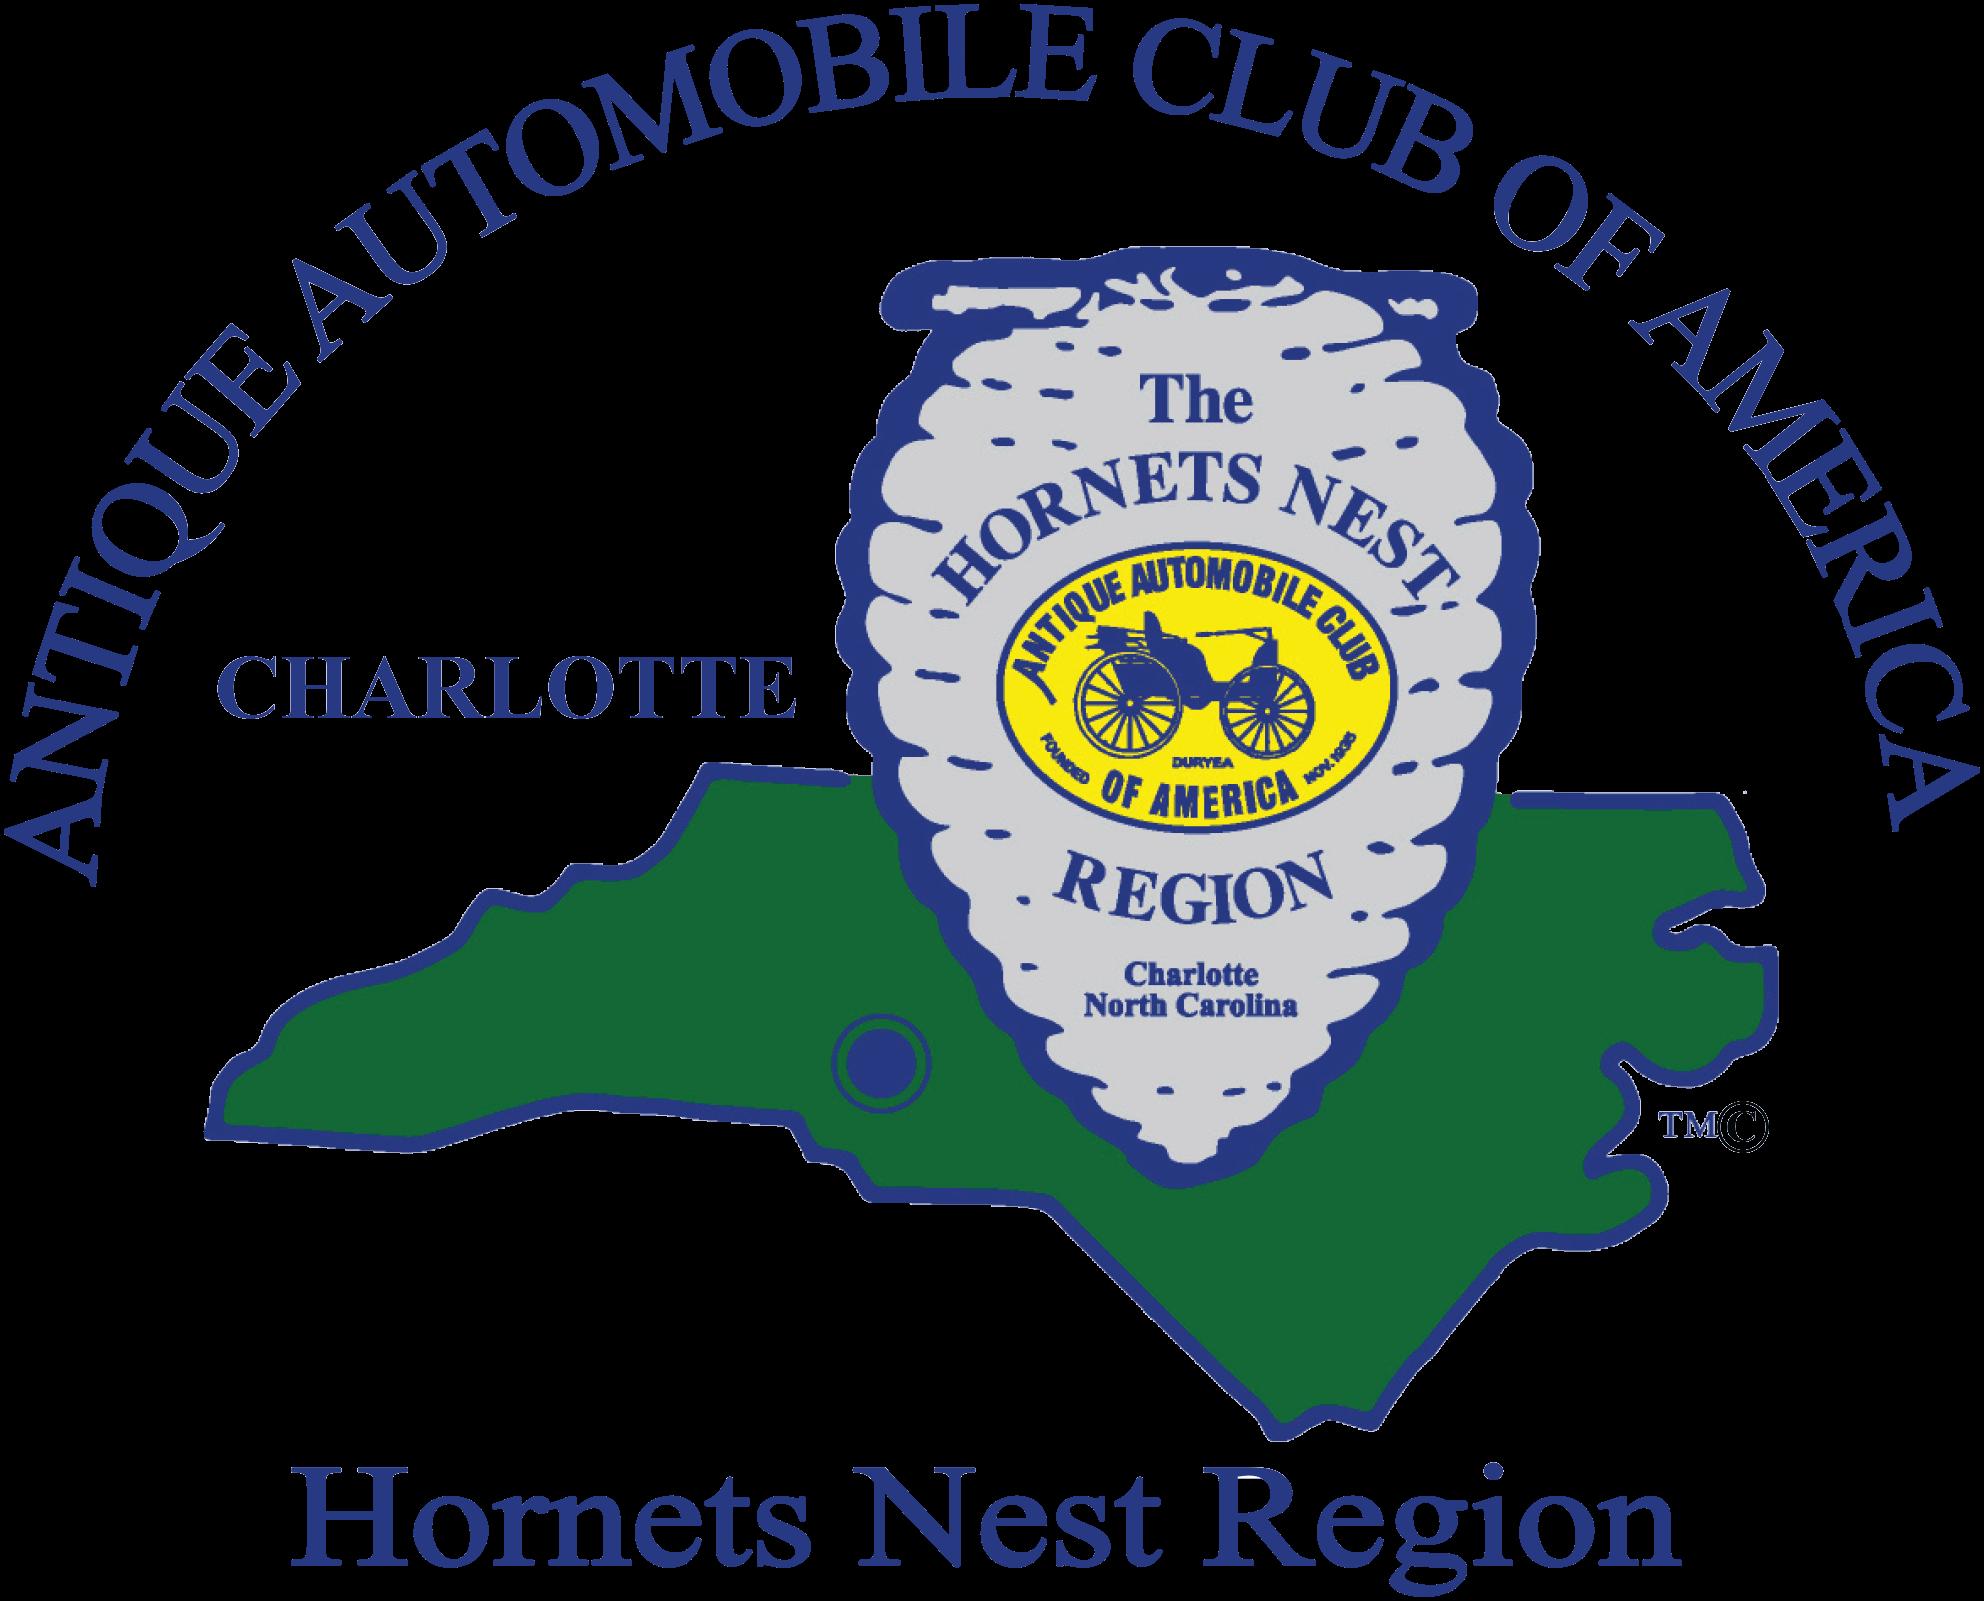 Charlotte Hornets Nest Car Show